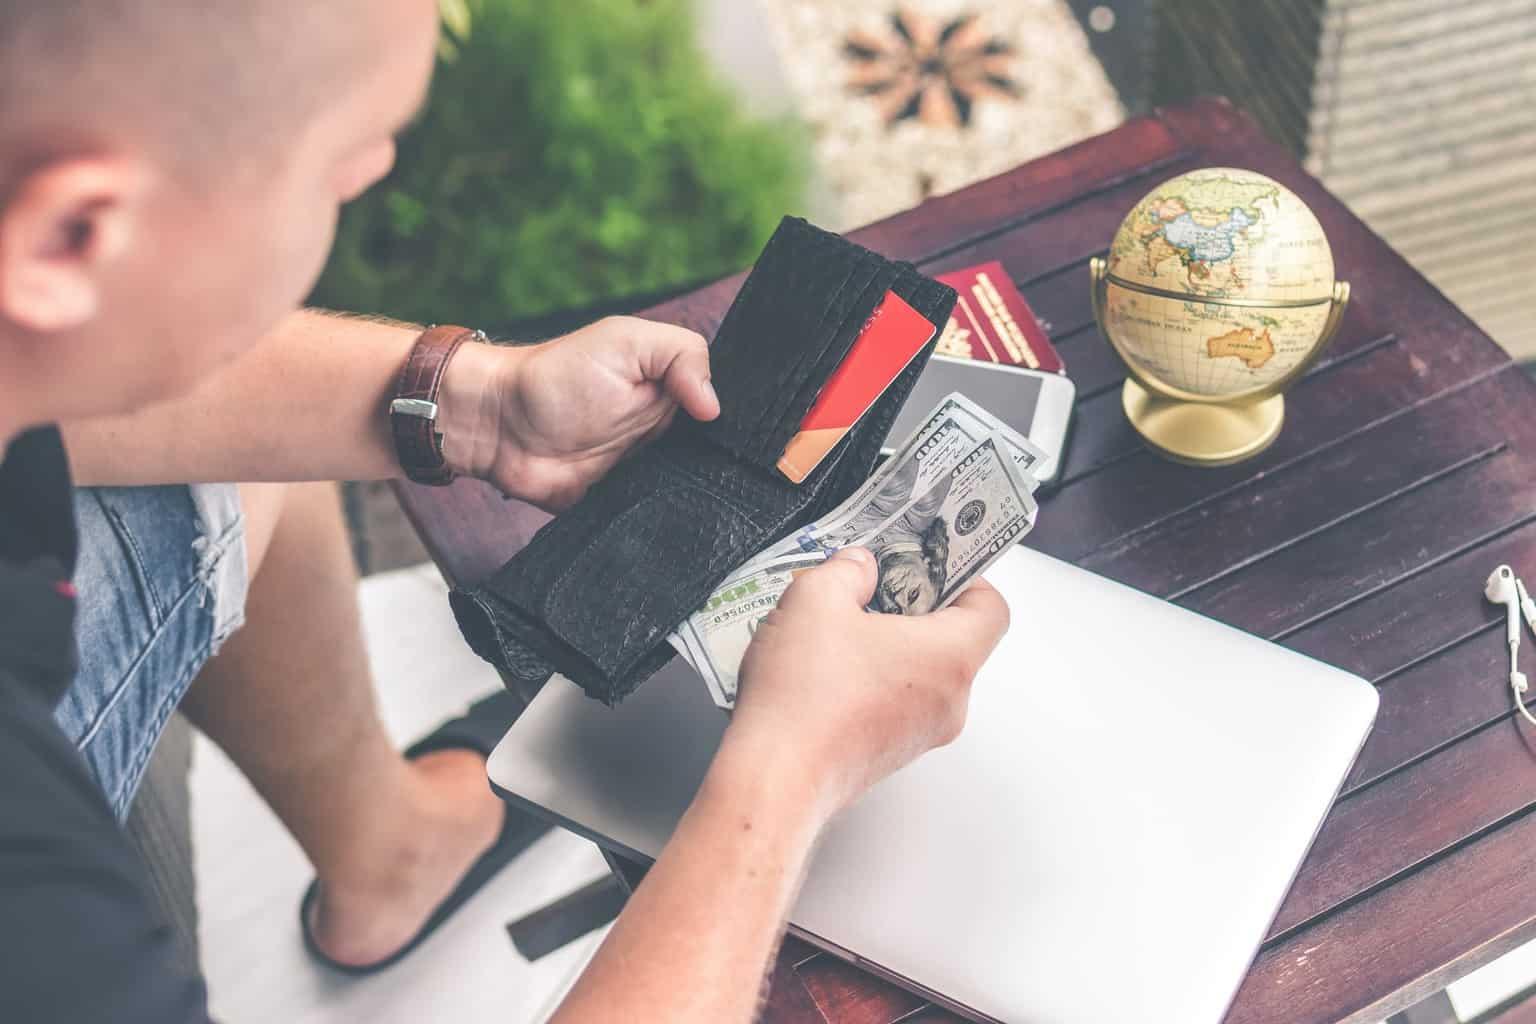 収益構造からマッチングアプリを攻略する裏技